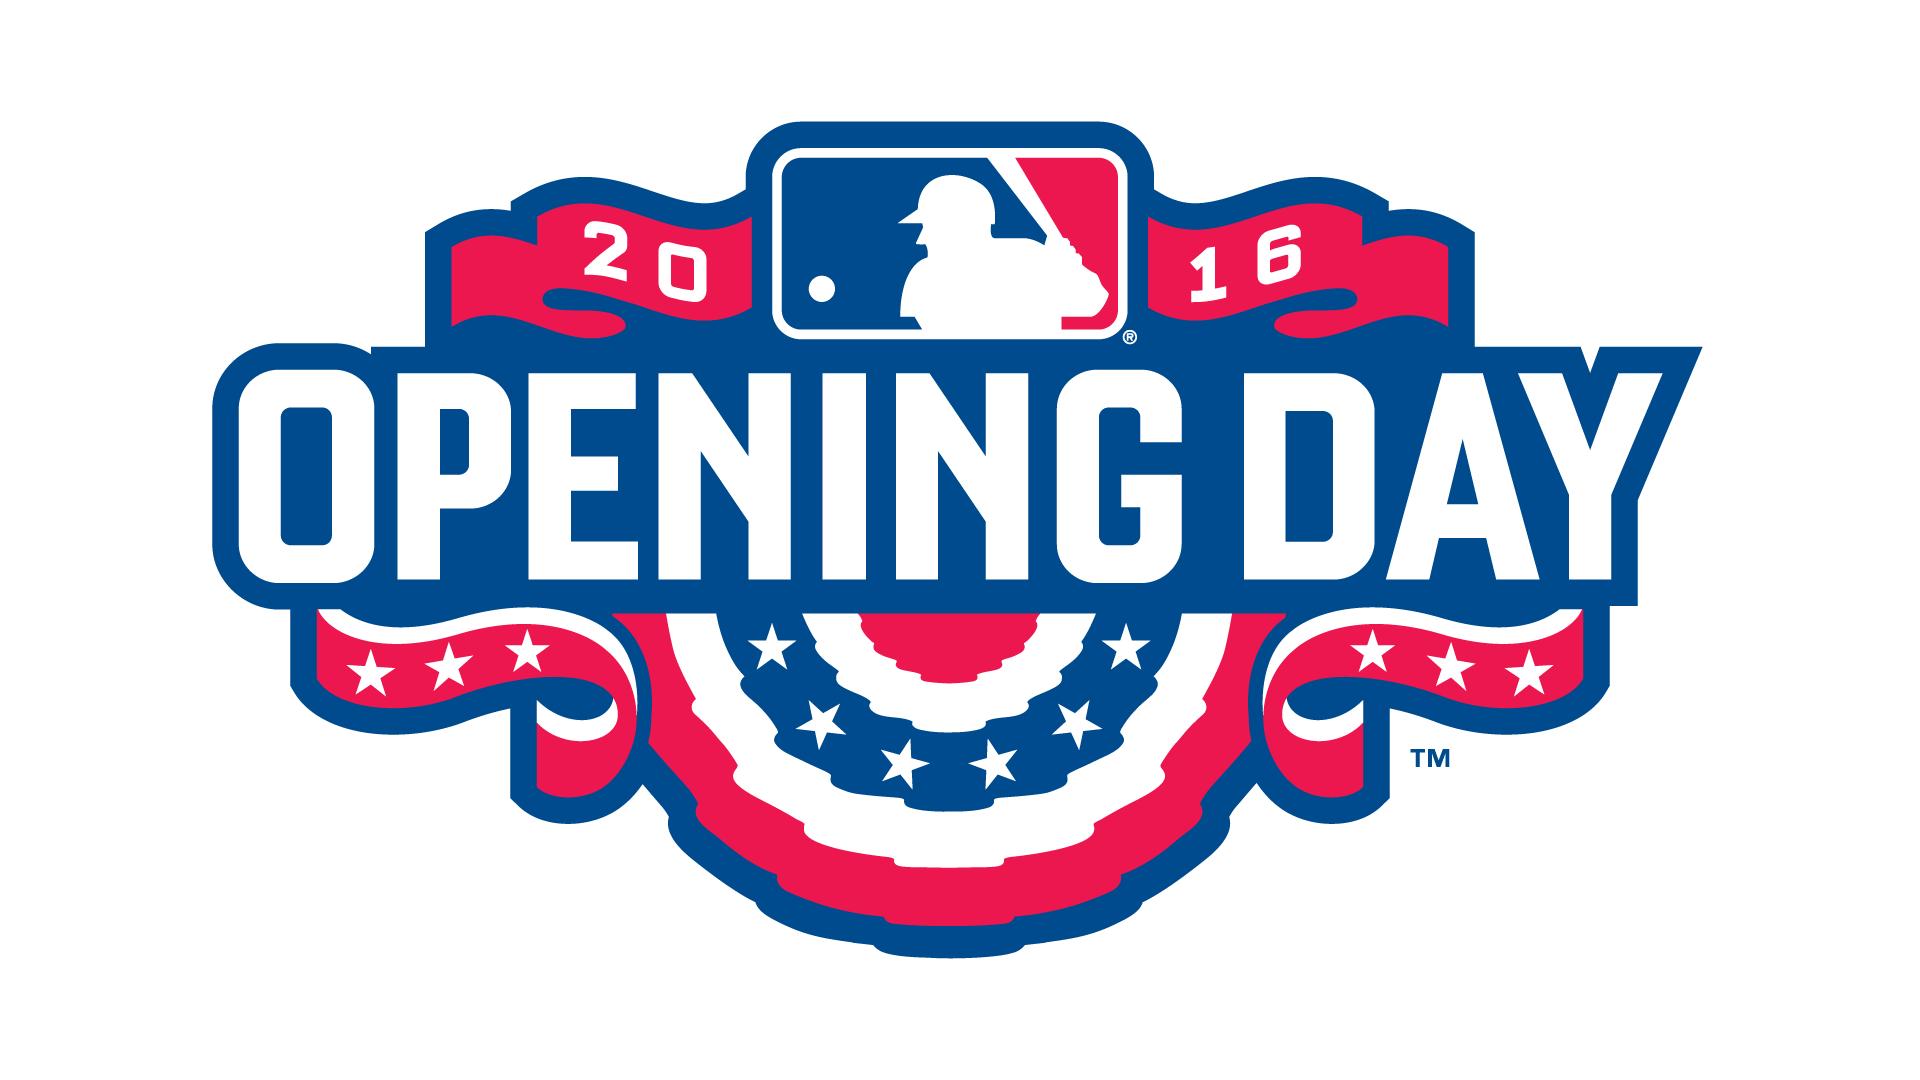 Major League Baseball Rings the